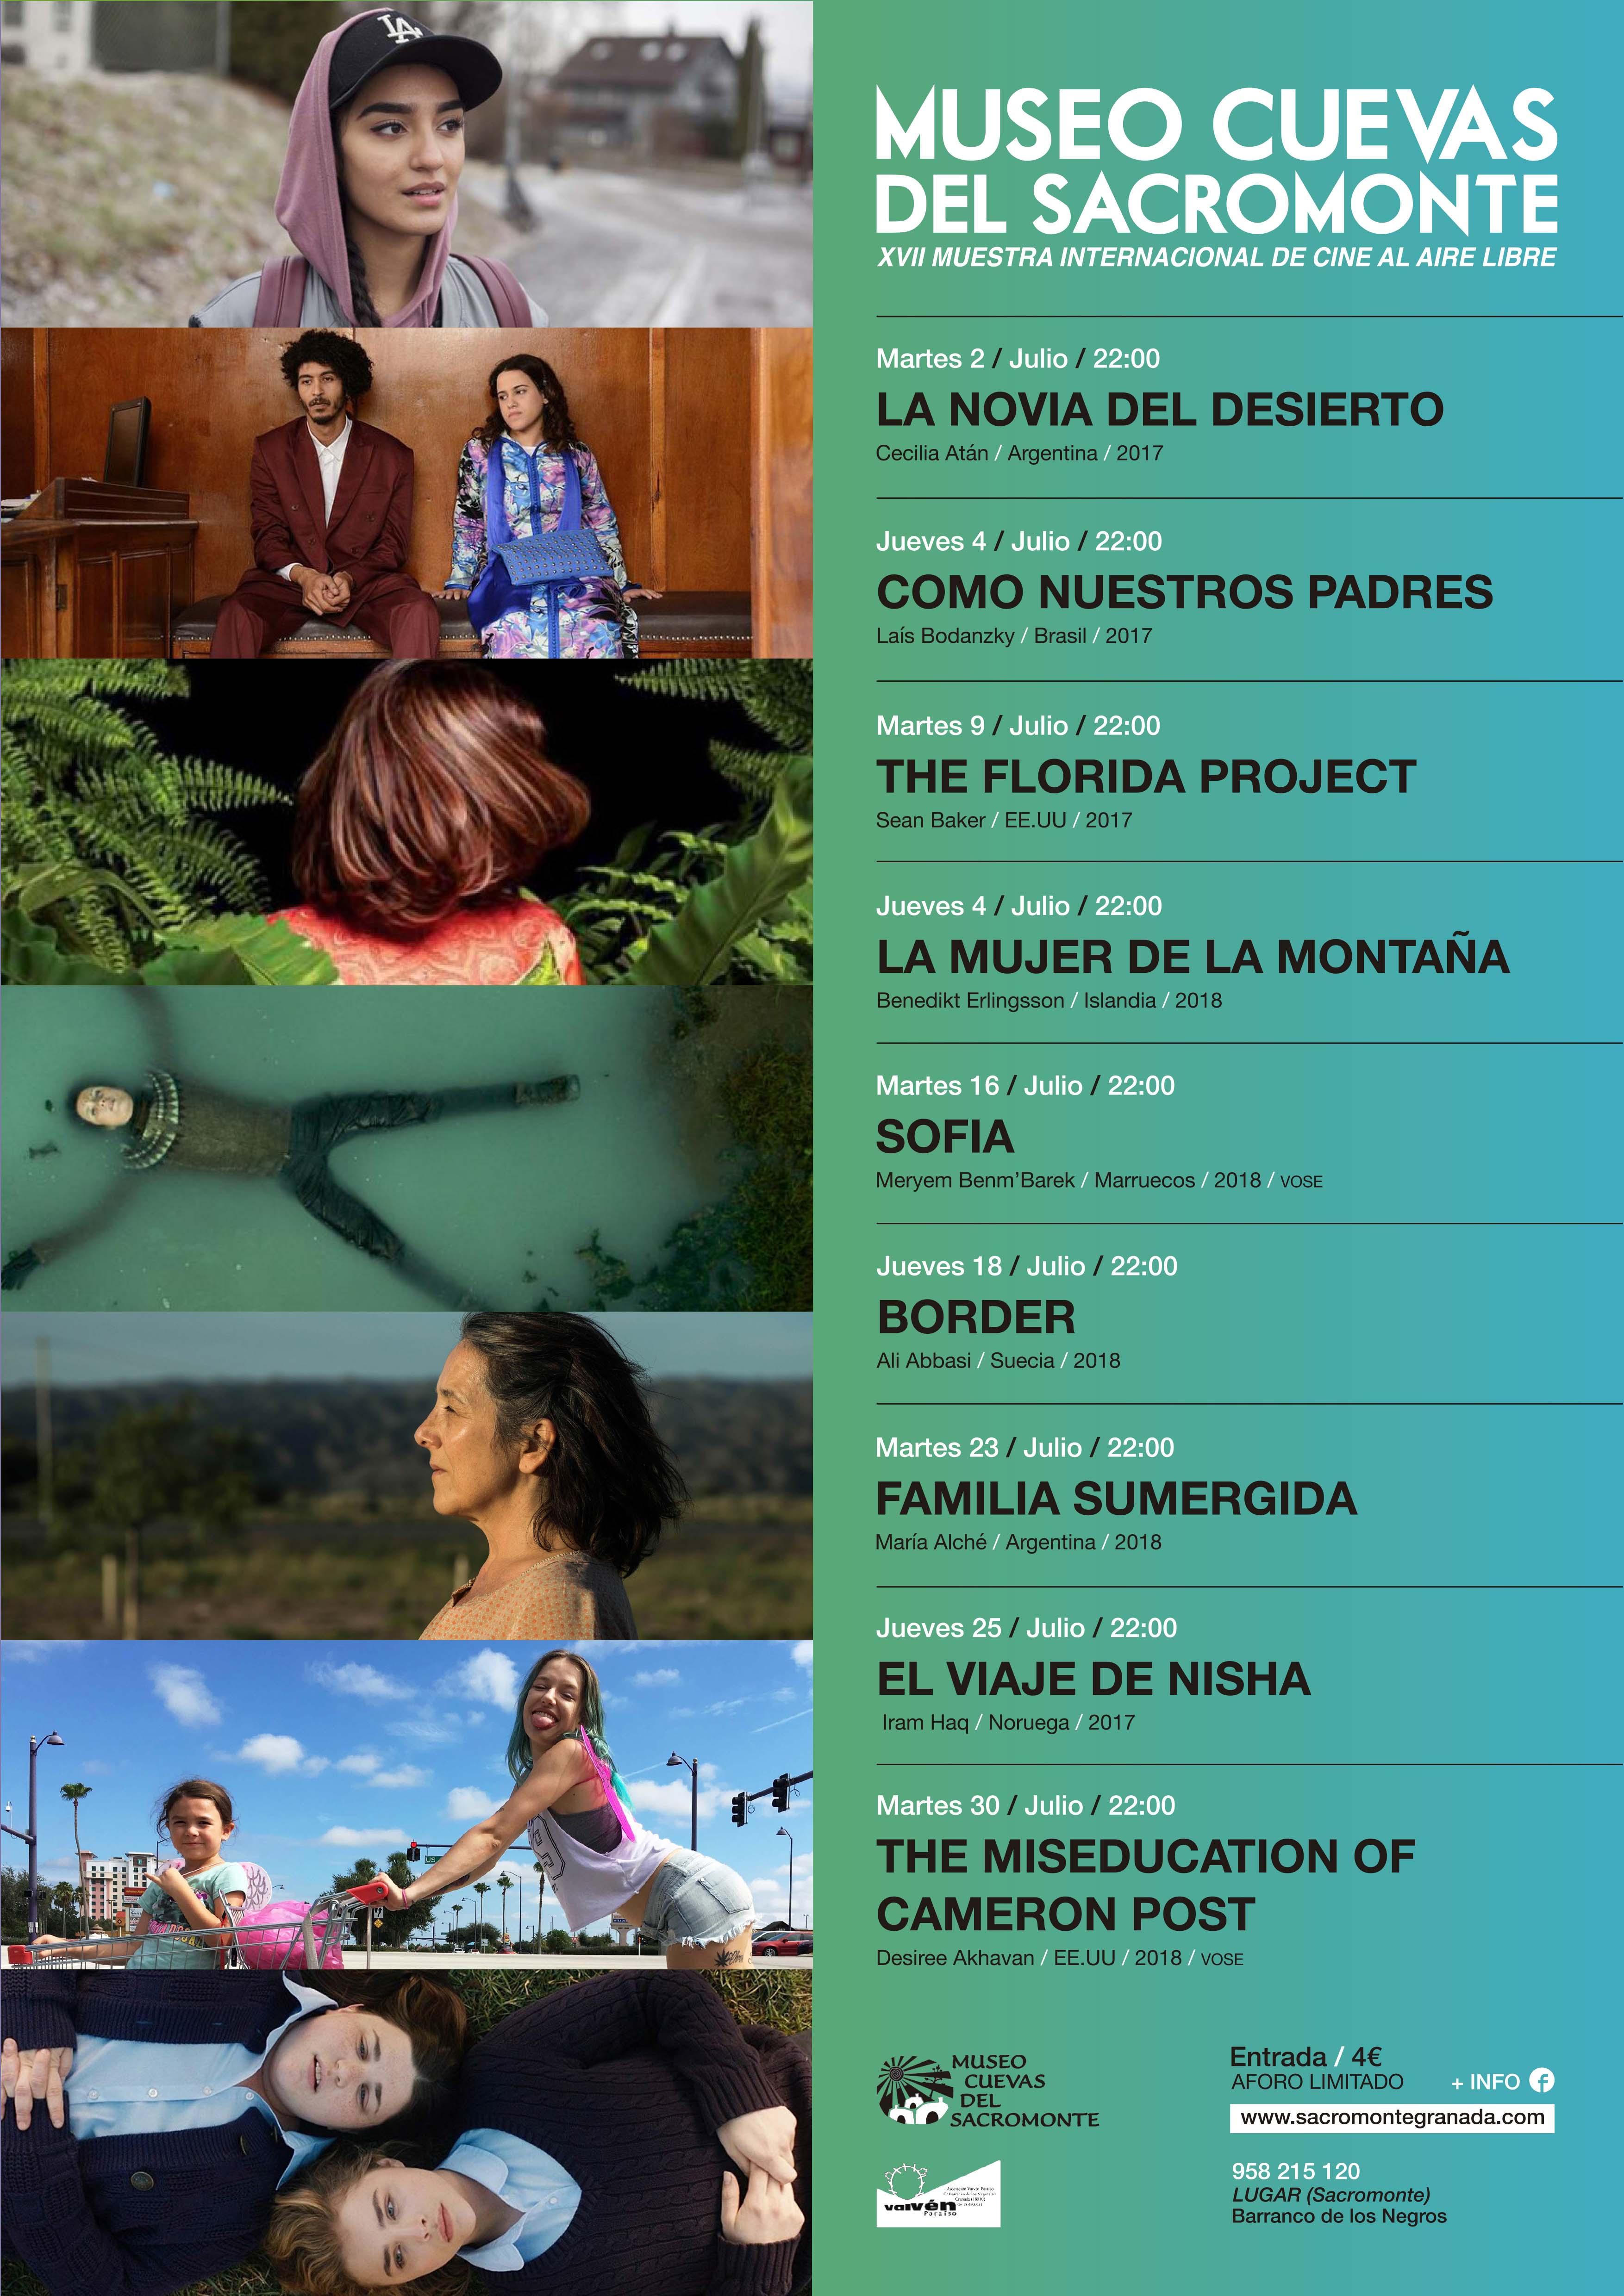 Cine de verano en el Sacromonte